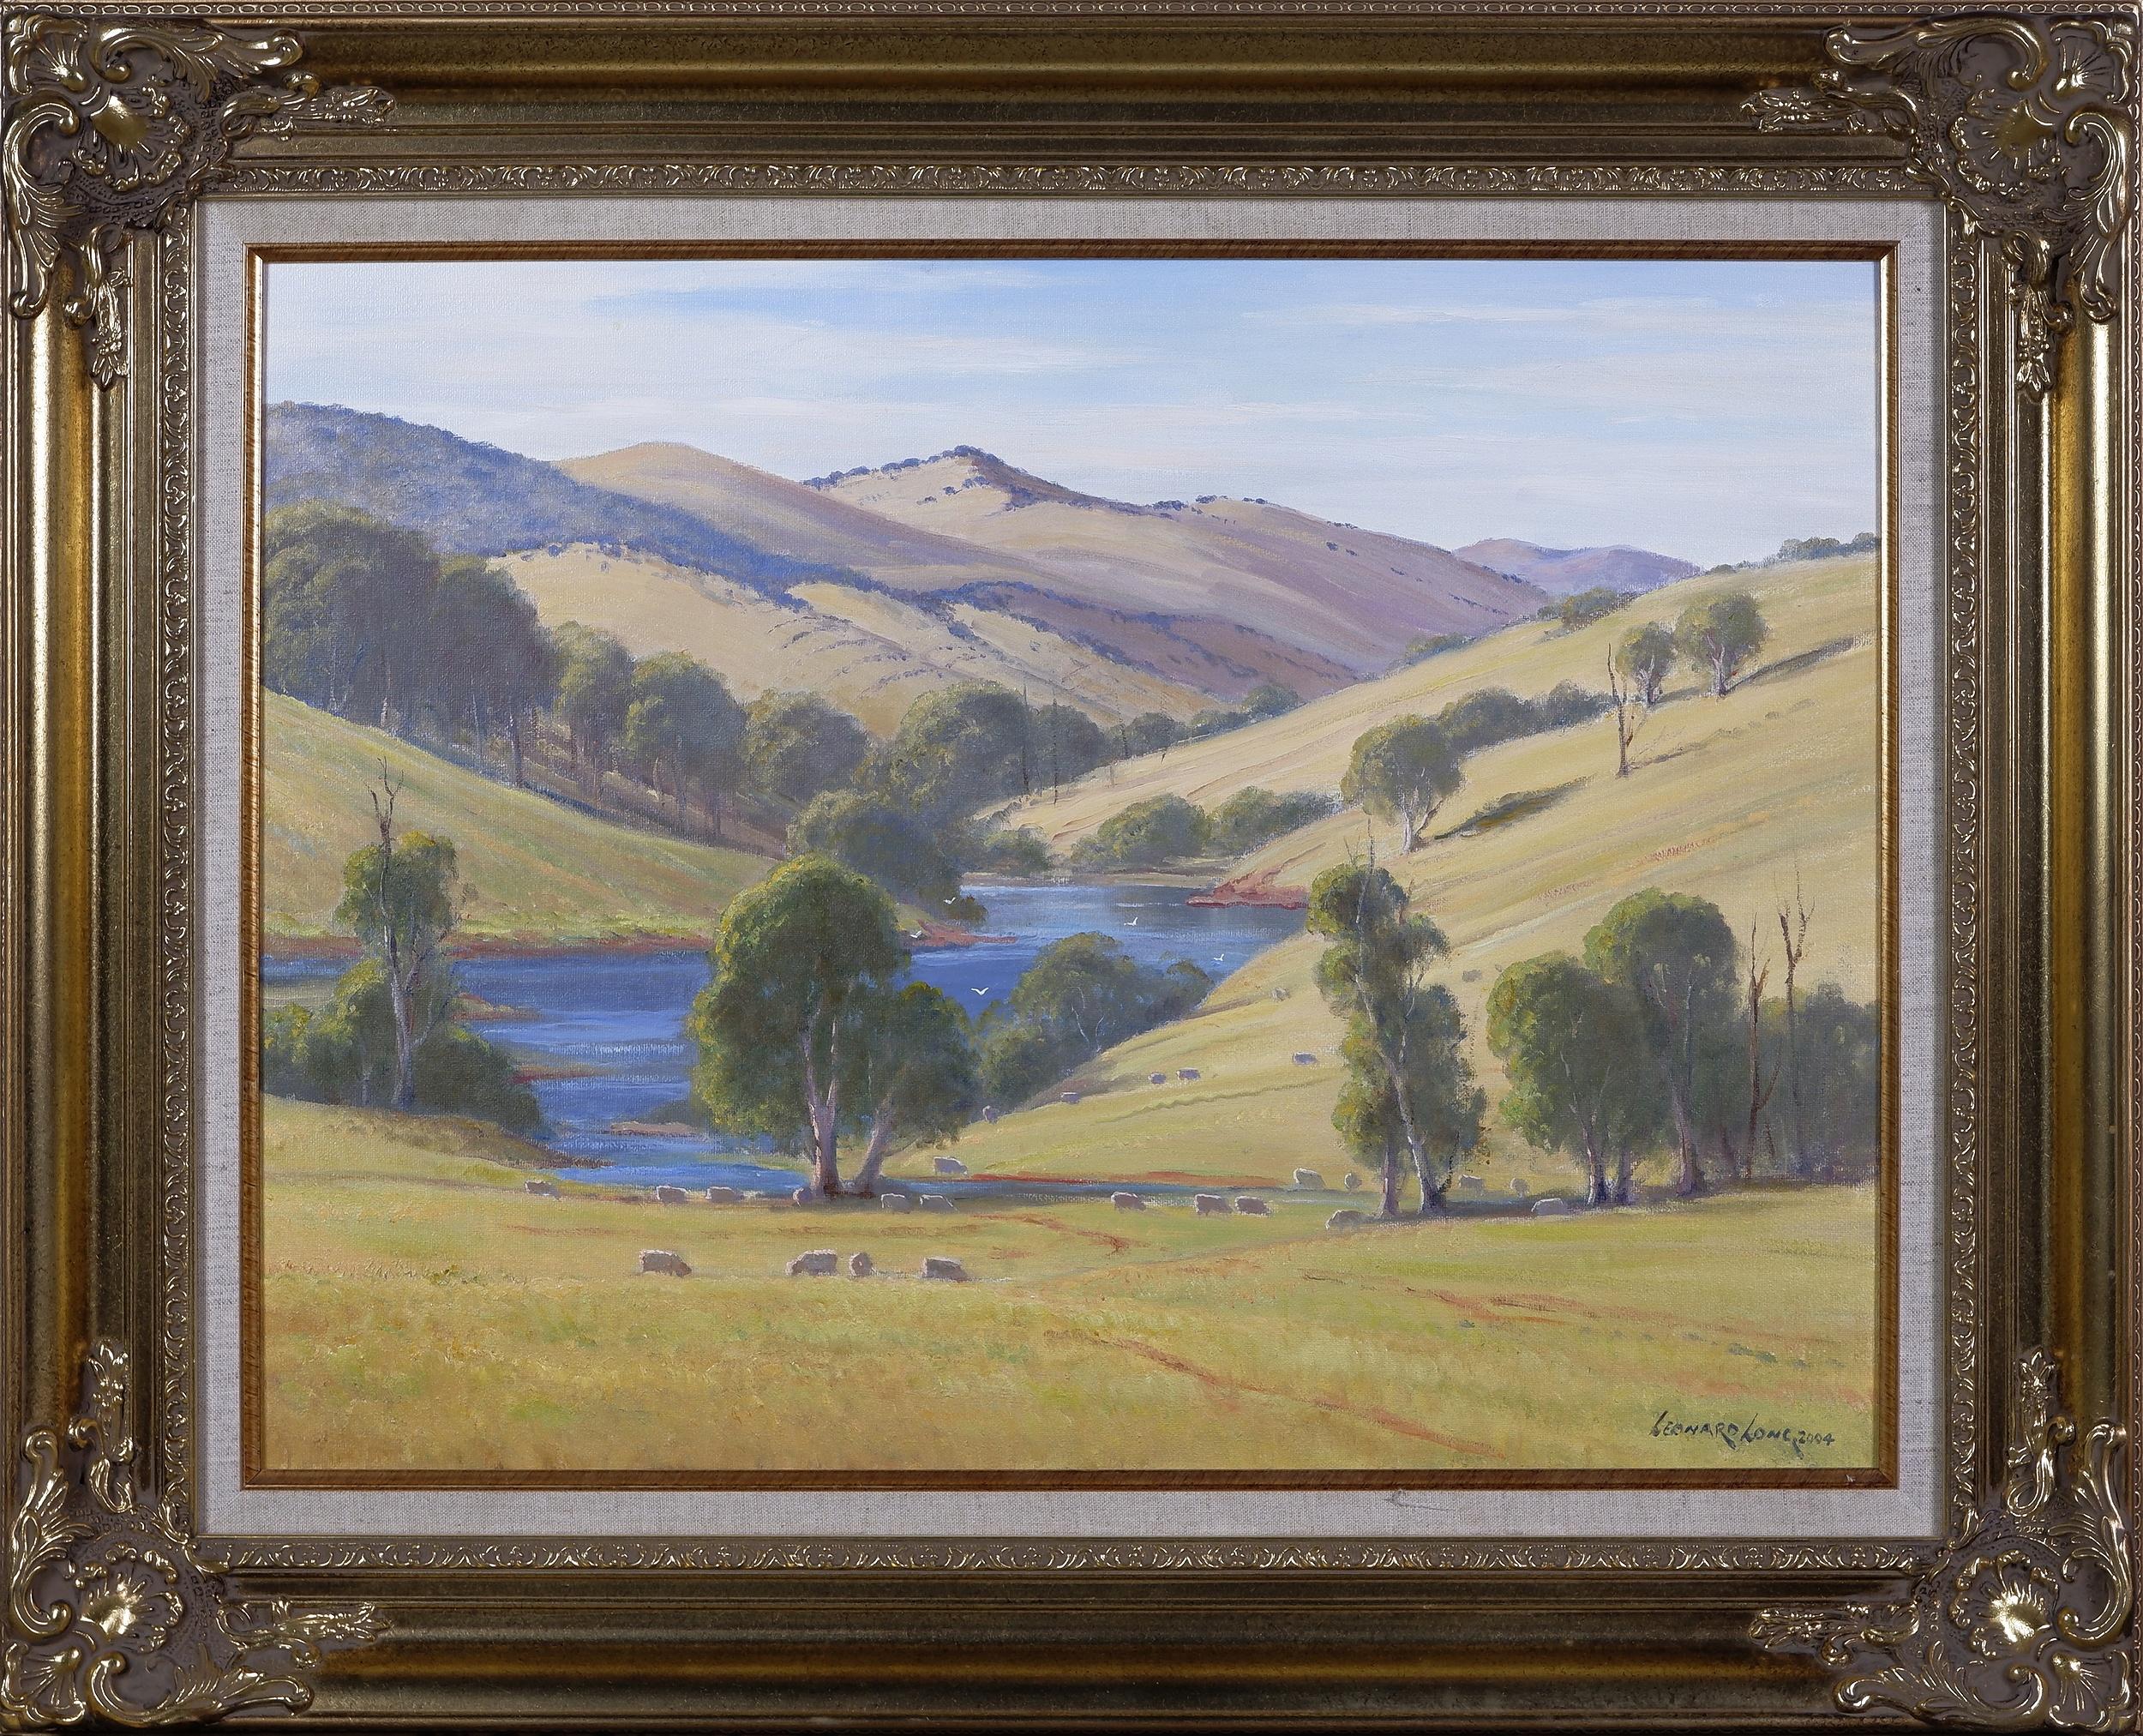 'Leonard Long (1911-2013), Mountain Creek, Wee Jasper - Yass Road 2004, Oil on Canvas, 45 x 60 cm'